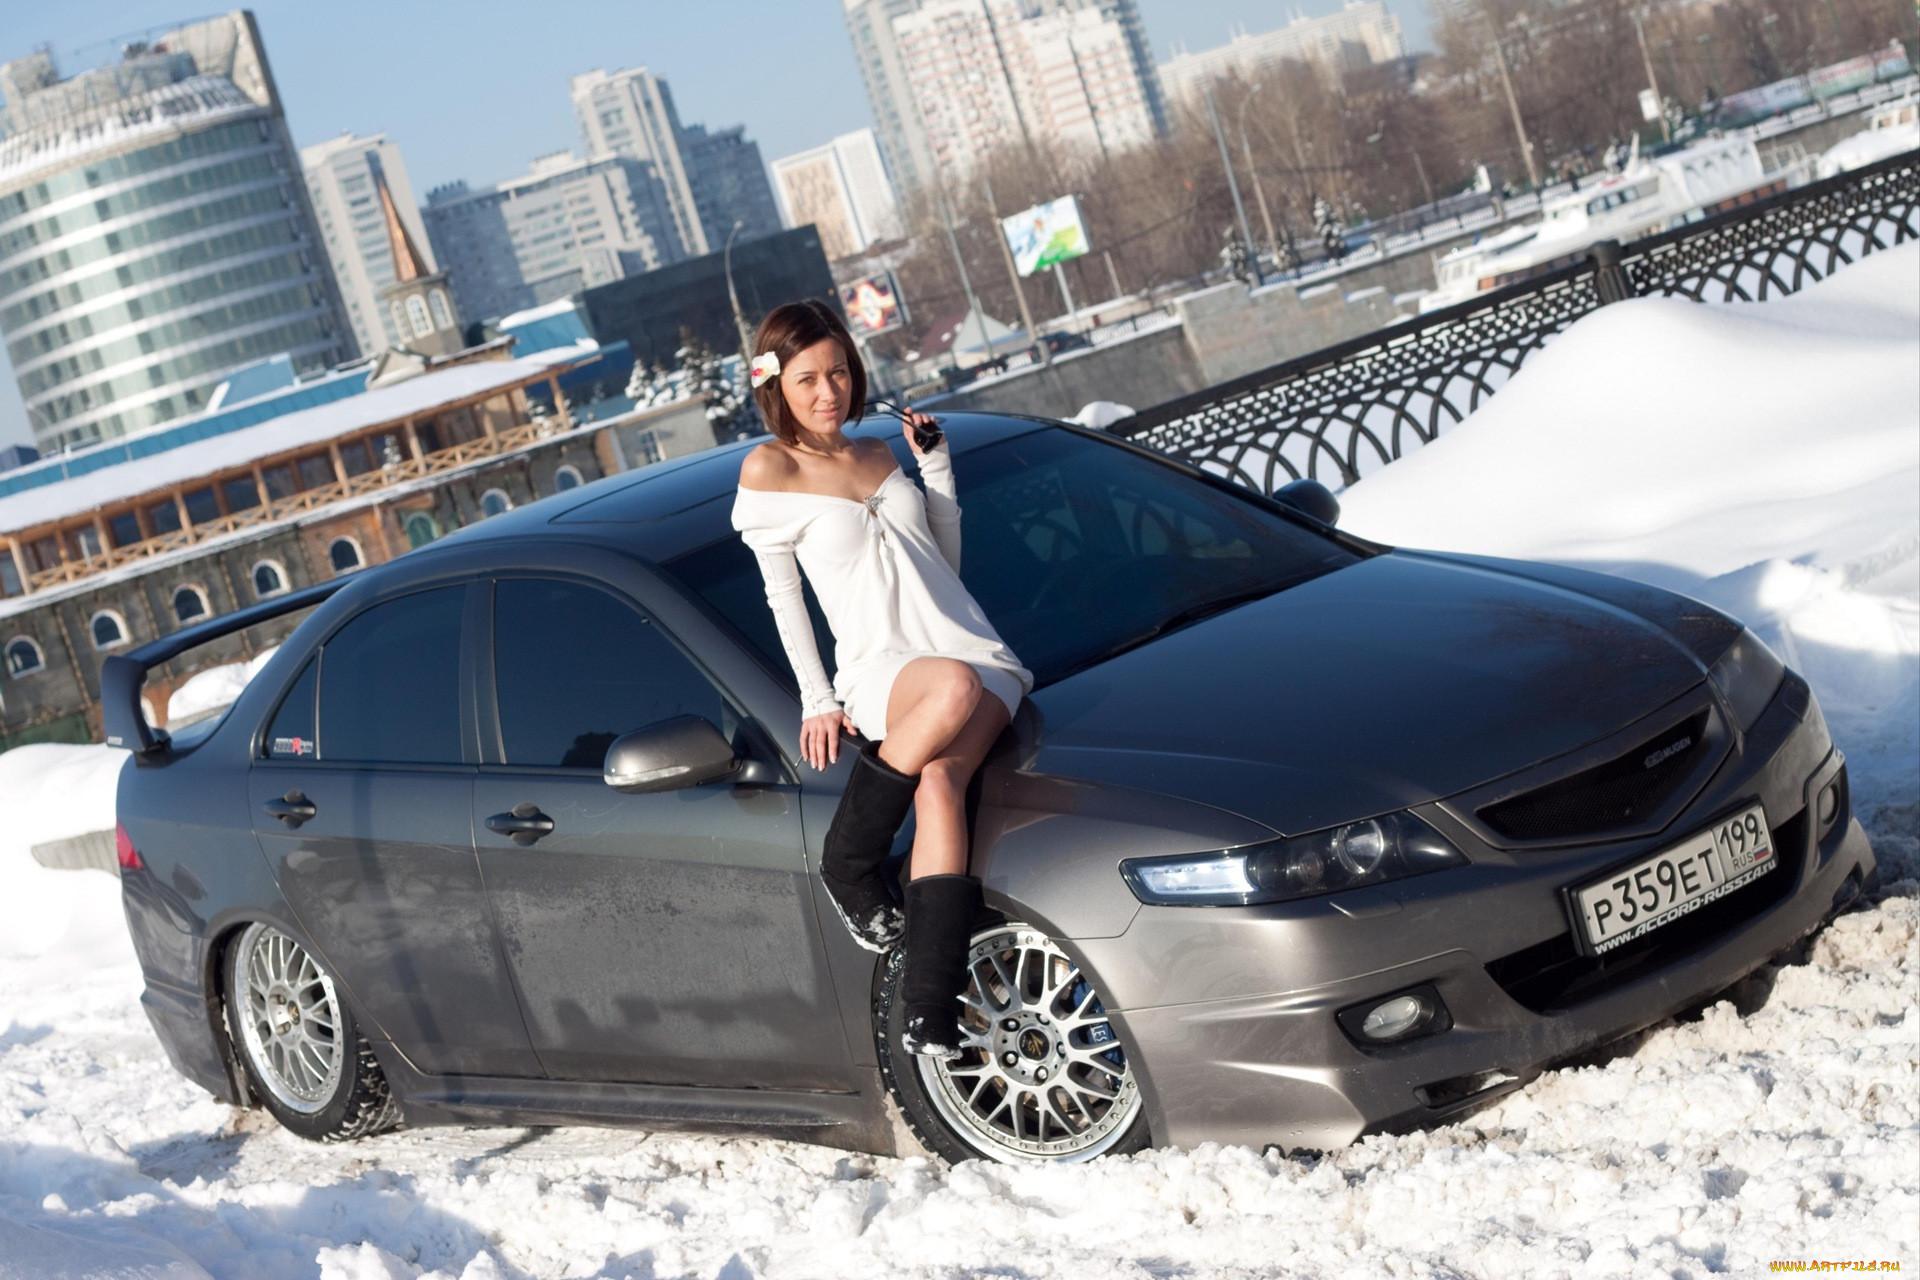 Красивые русские девушки и их машины (50 фото) .